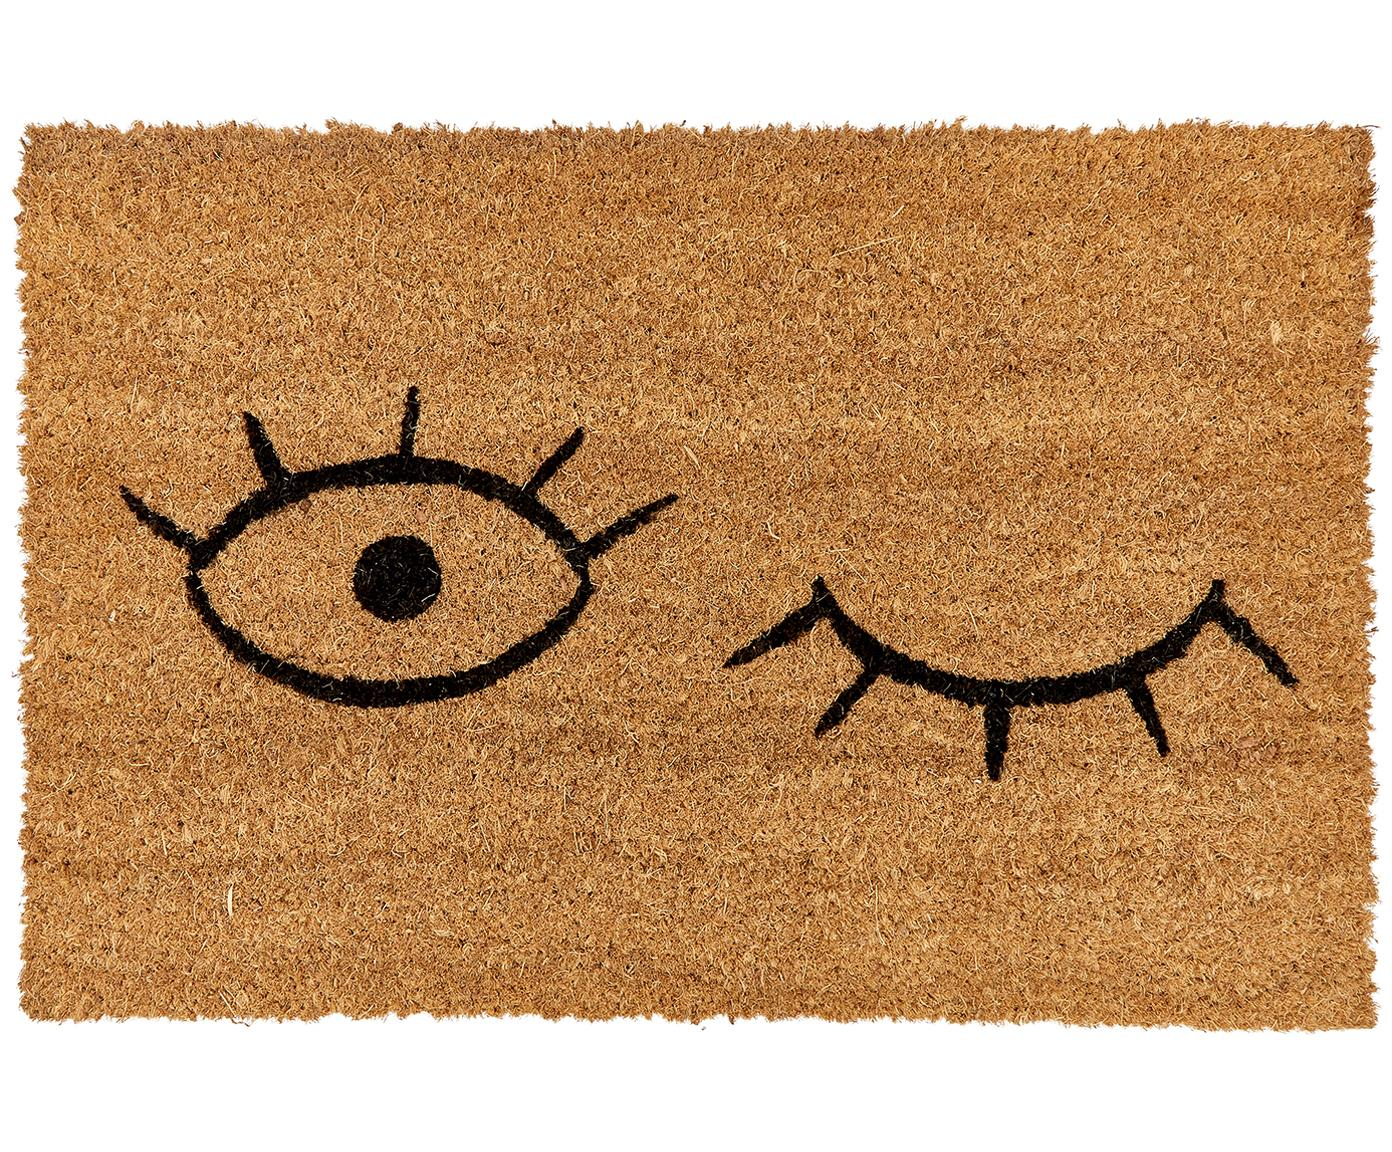 Fussmatte Wink, Flor: Kokosfaser, Flor: Beige, Schwarz Rücken: Schwarz, 40 x 60 cm